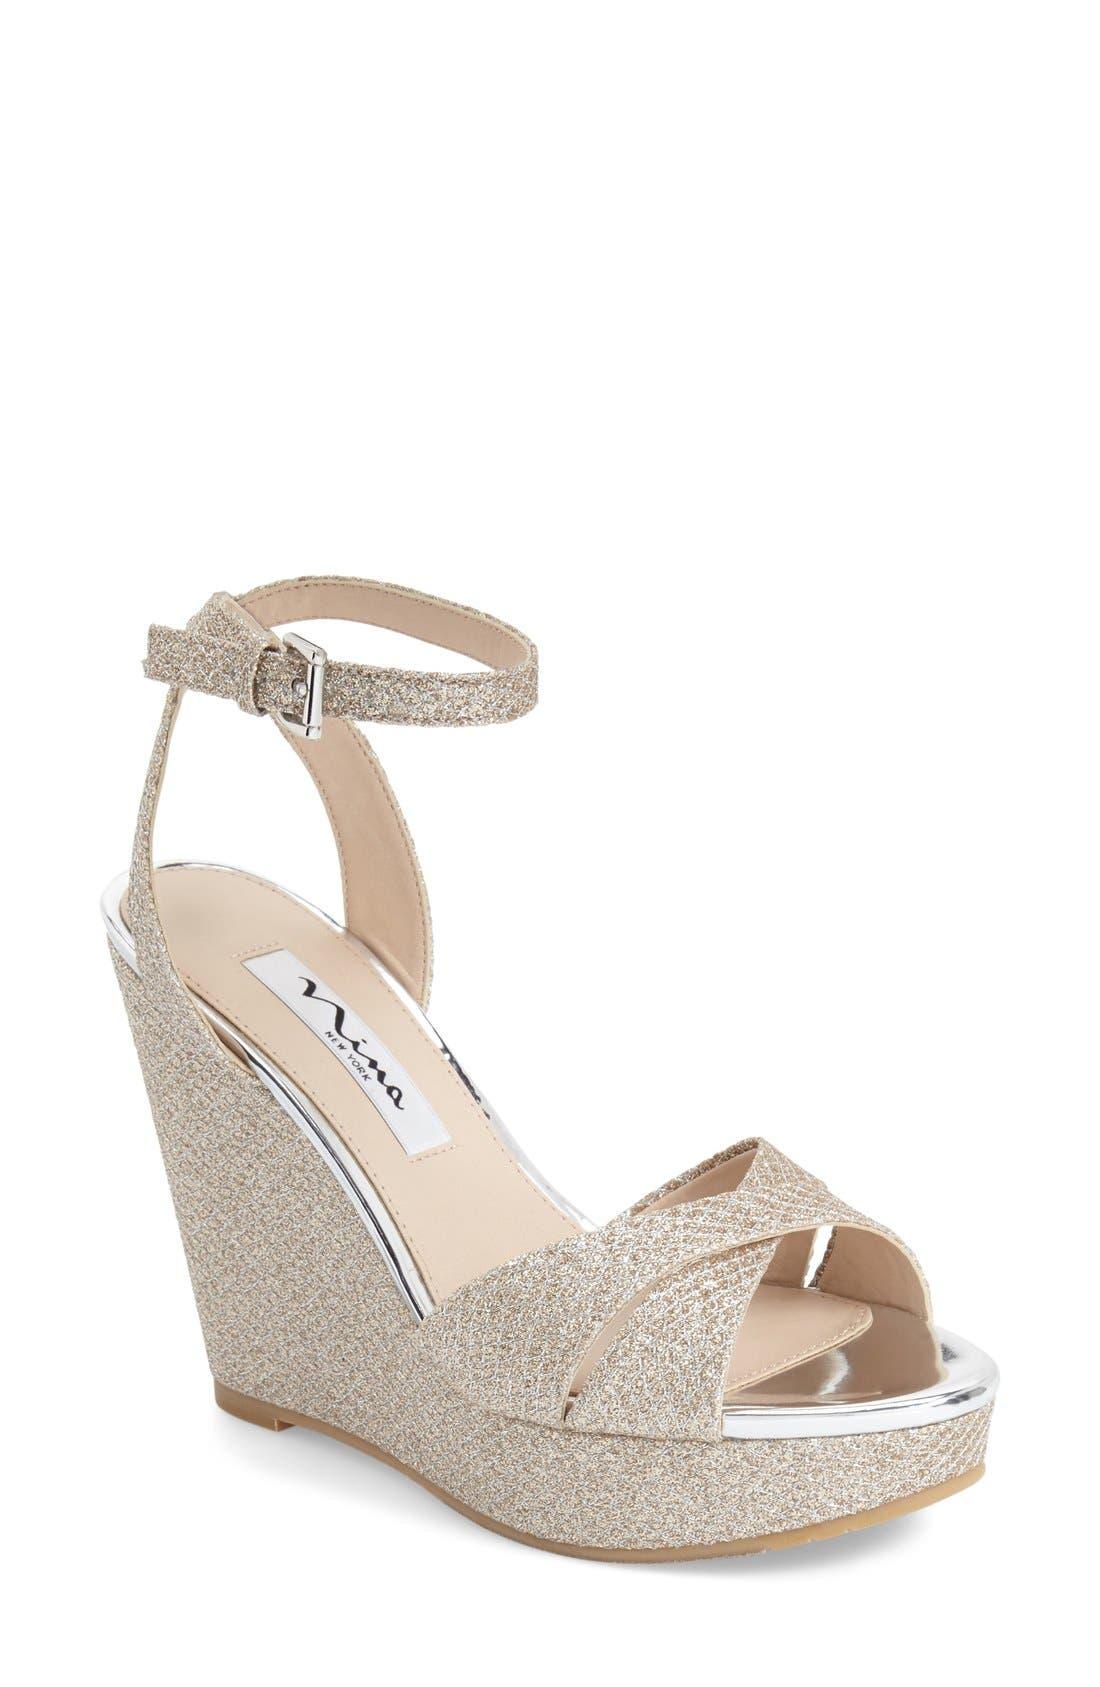 Alternate Image 1 Selected - Nina 'Gianina' Glitter Mesh Wedge Sandal (Women)